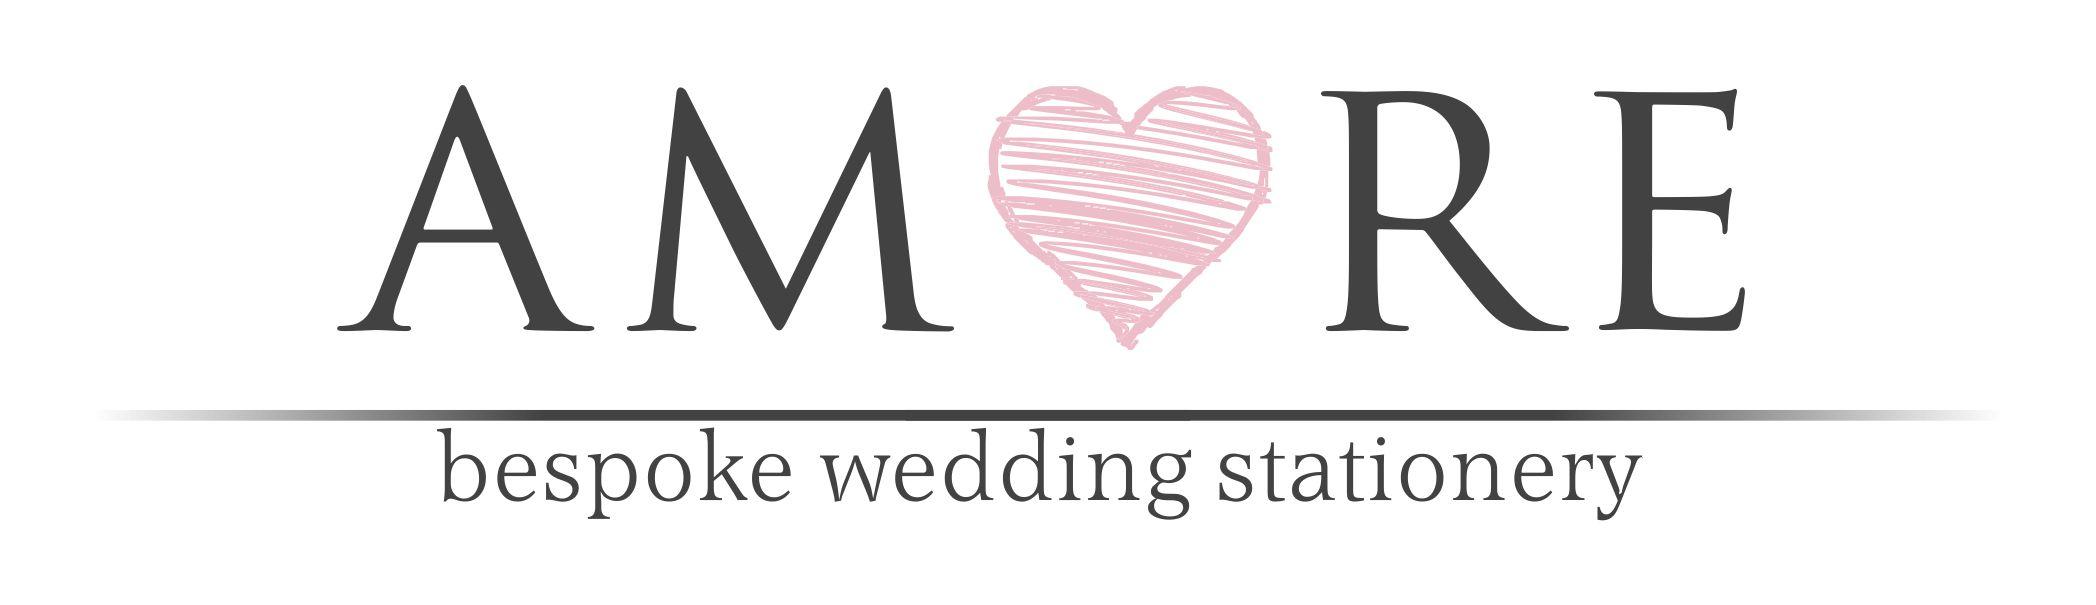 Amore Wedding Stationery